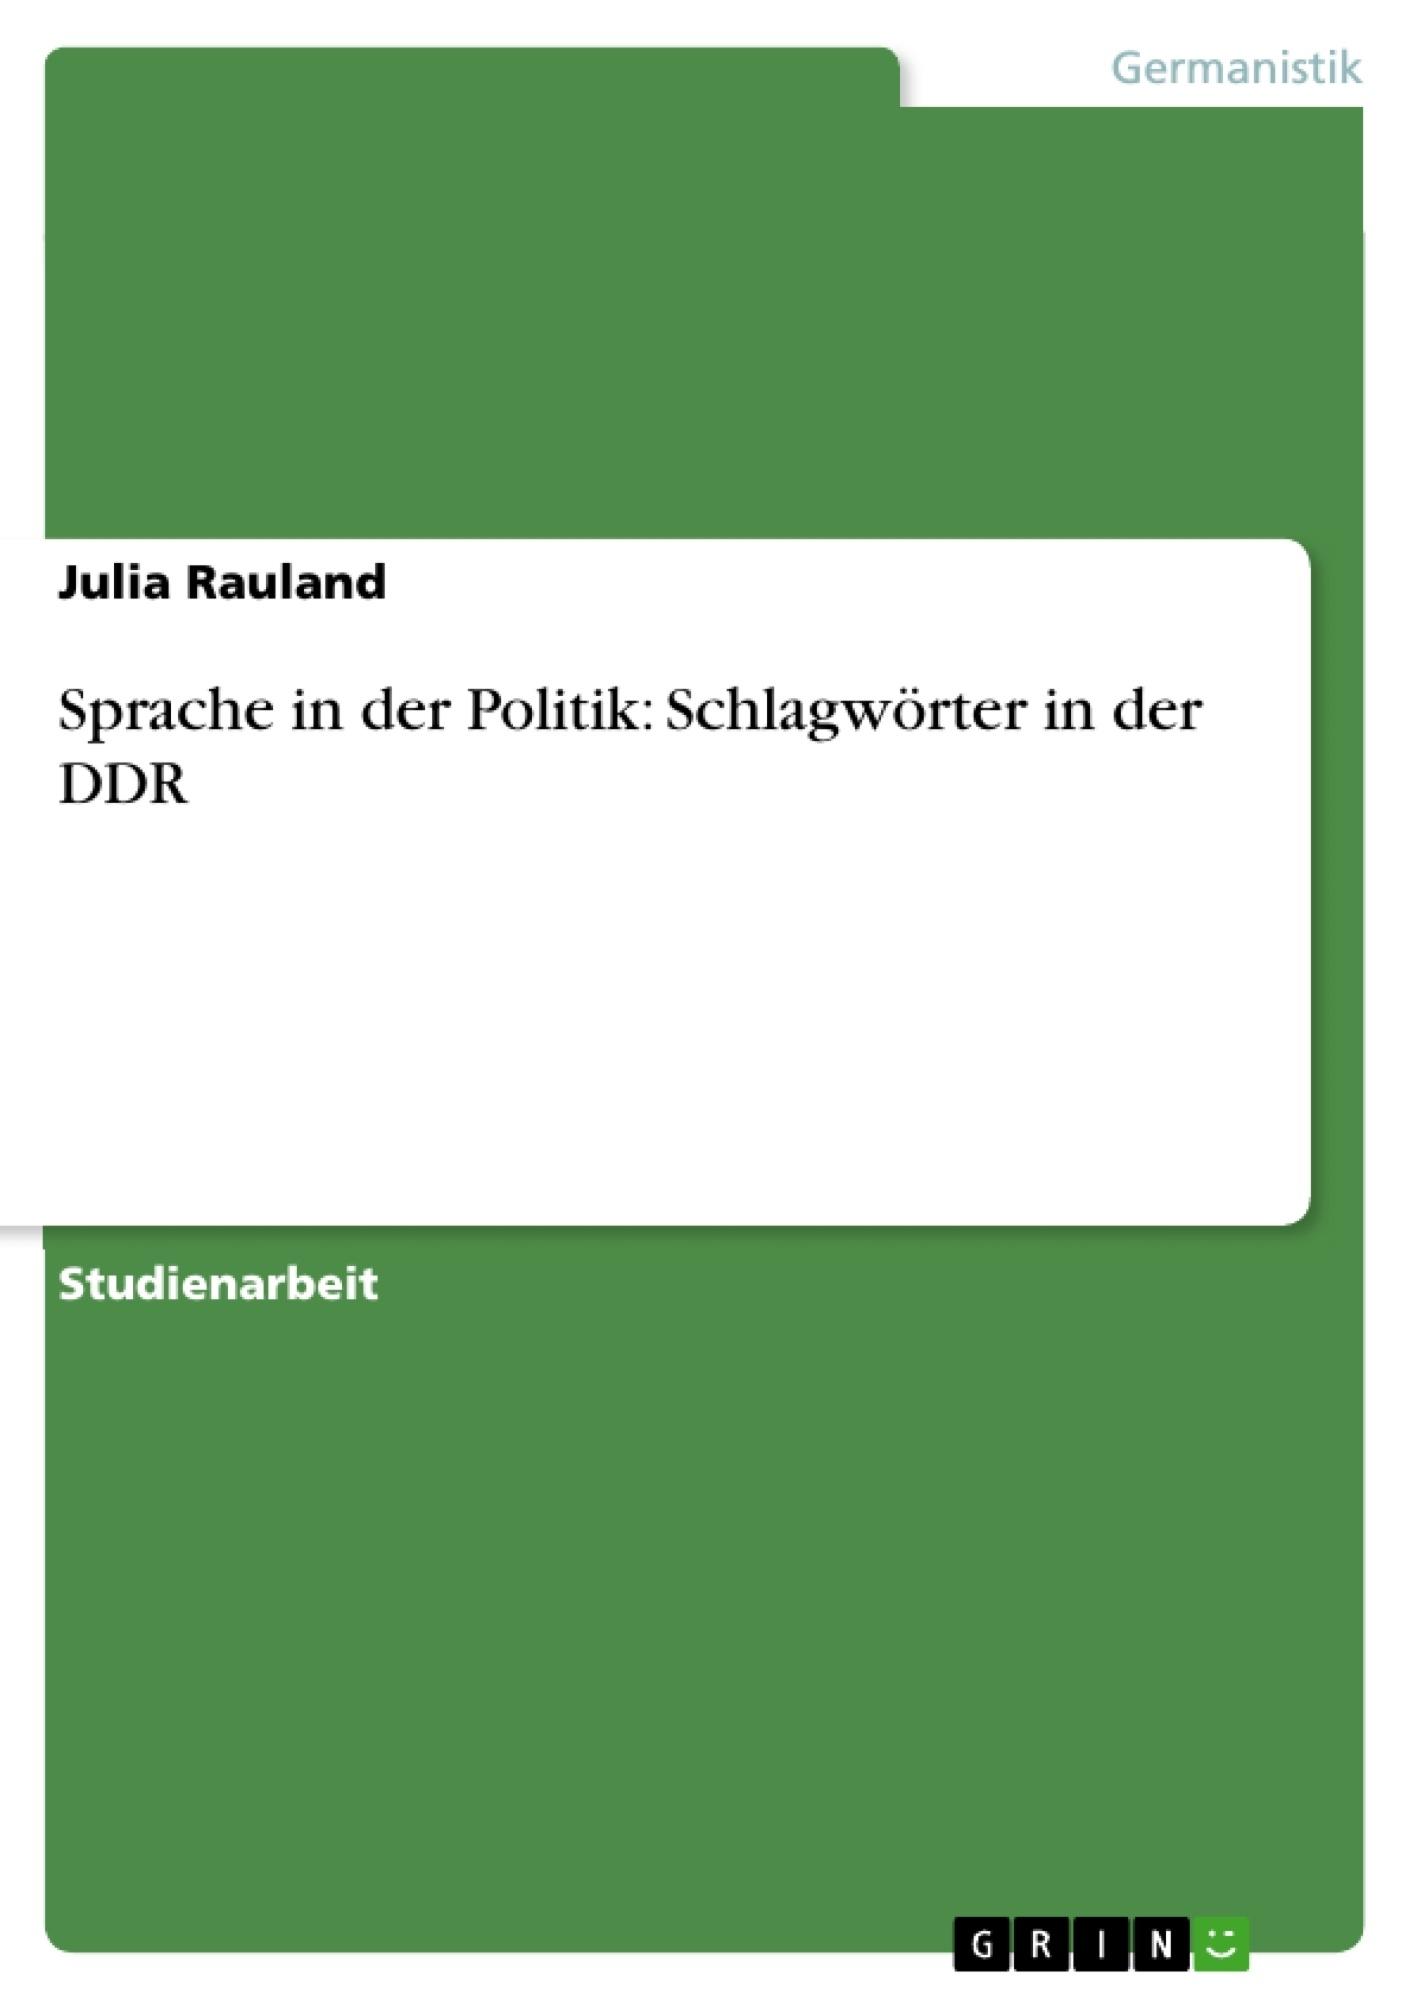 Titel: Sprache in der Politik: Schlagwörter in der DDR